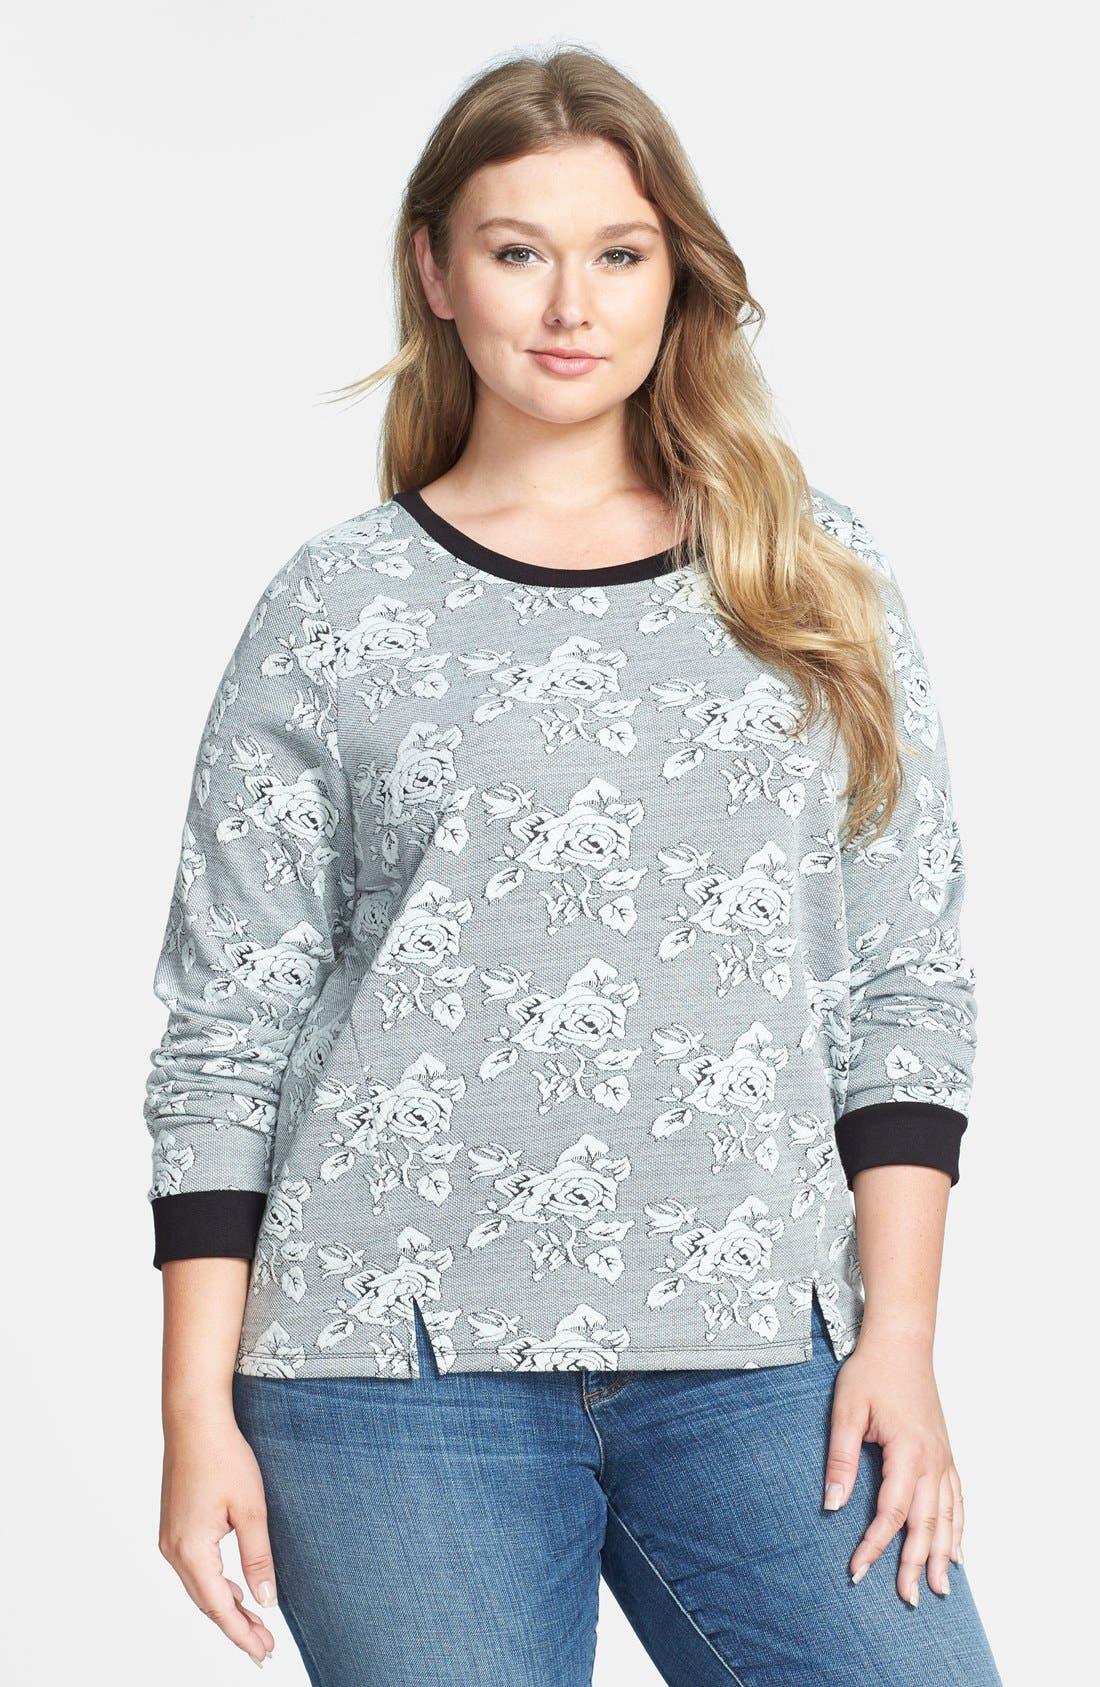 Main Image - BB Dakota 'Davi Rose' Jacquard Sweatshirt (Plus Size)